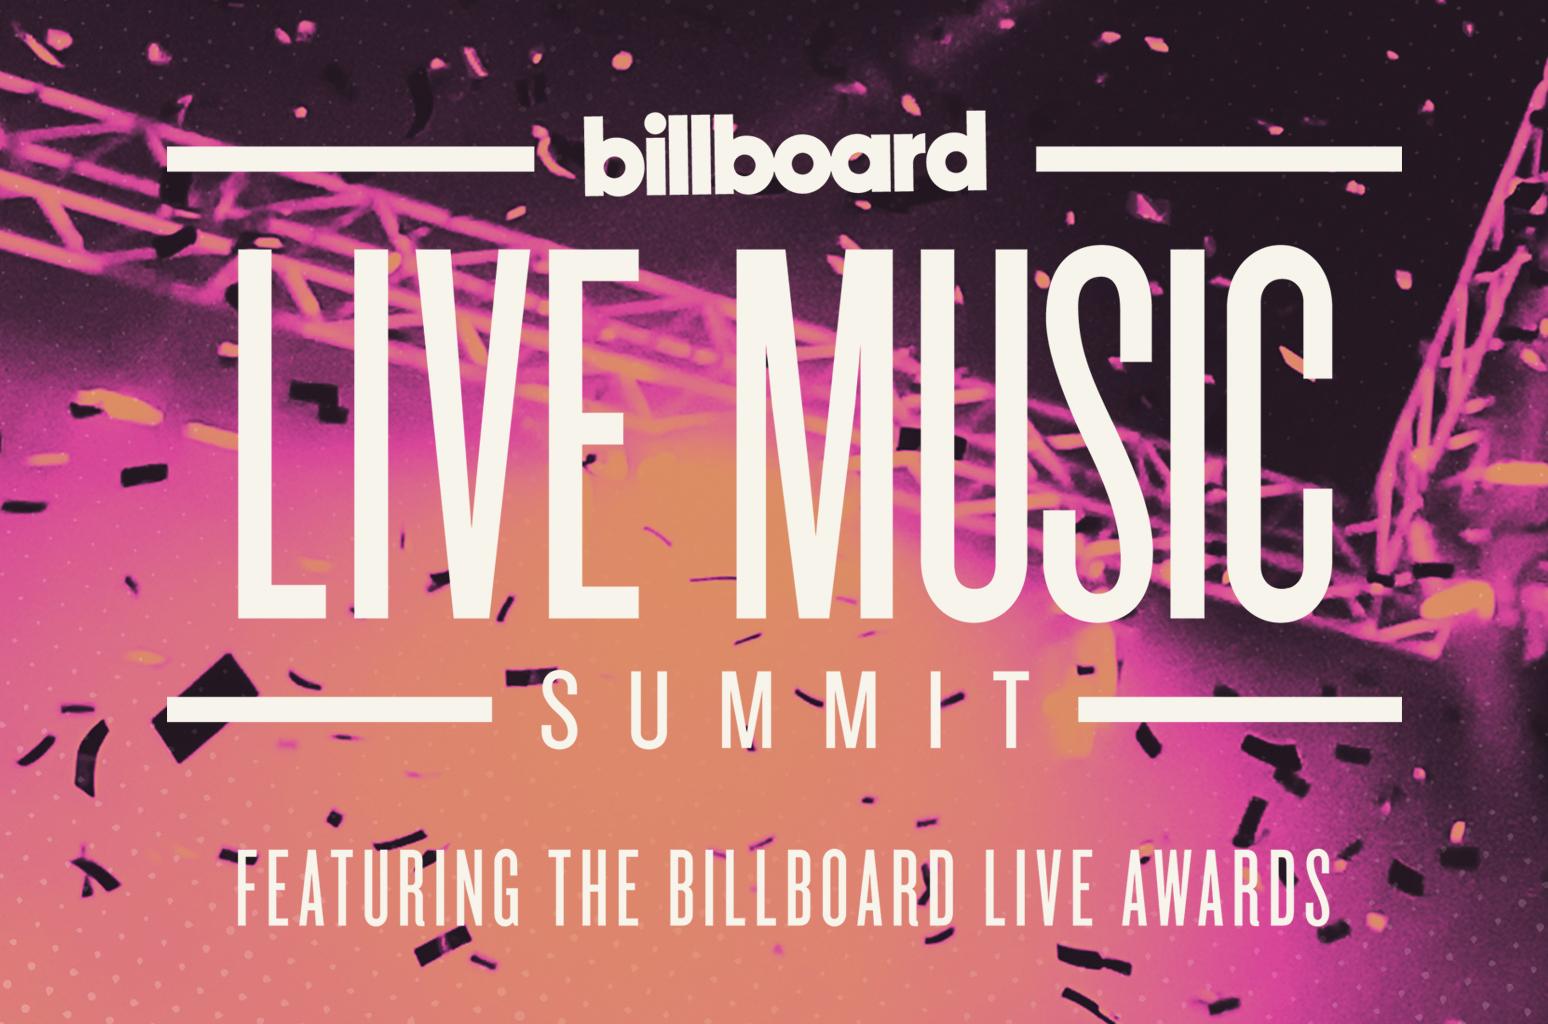 Billboard Live Music Summit @ Montage Hotel